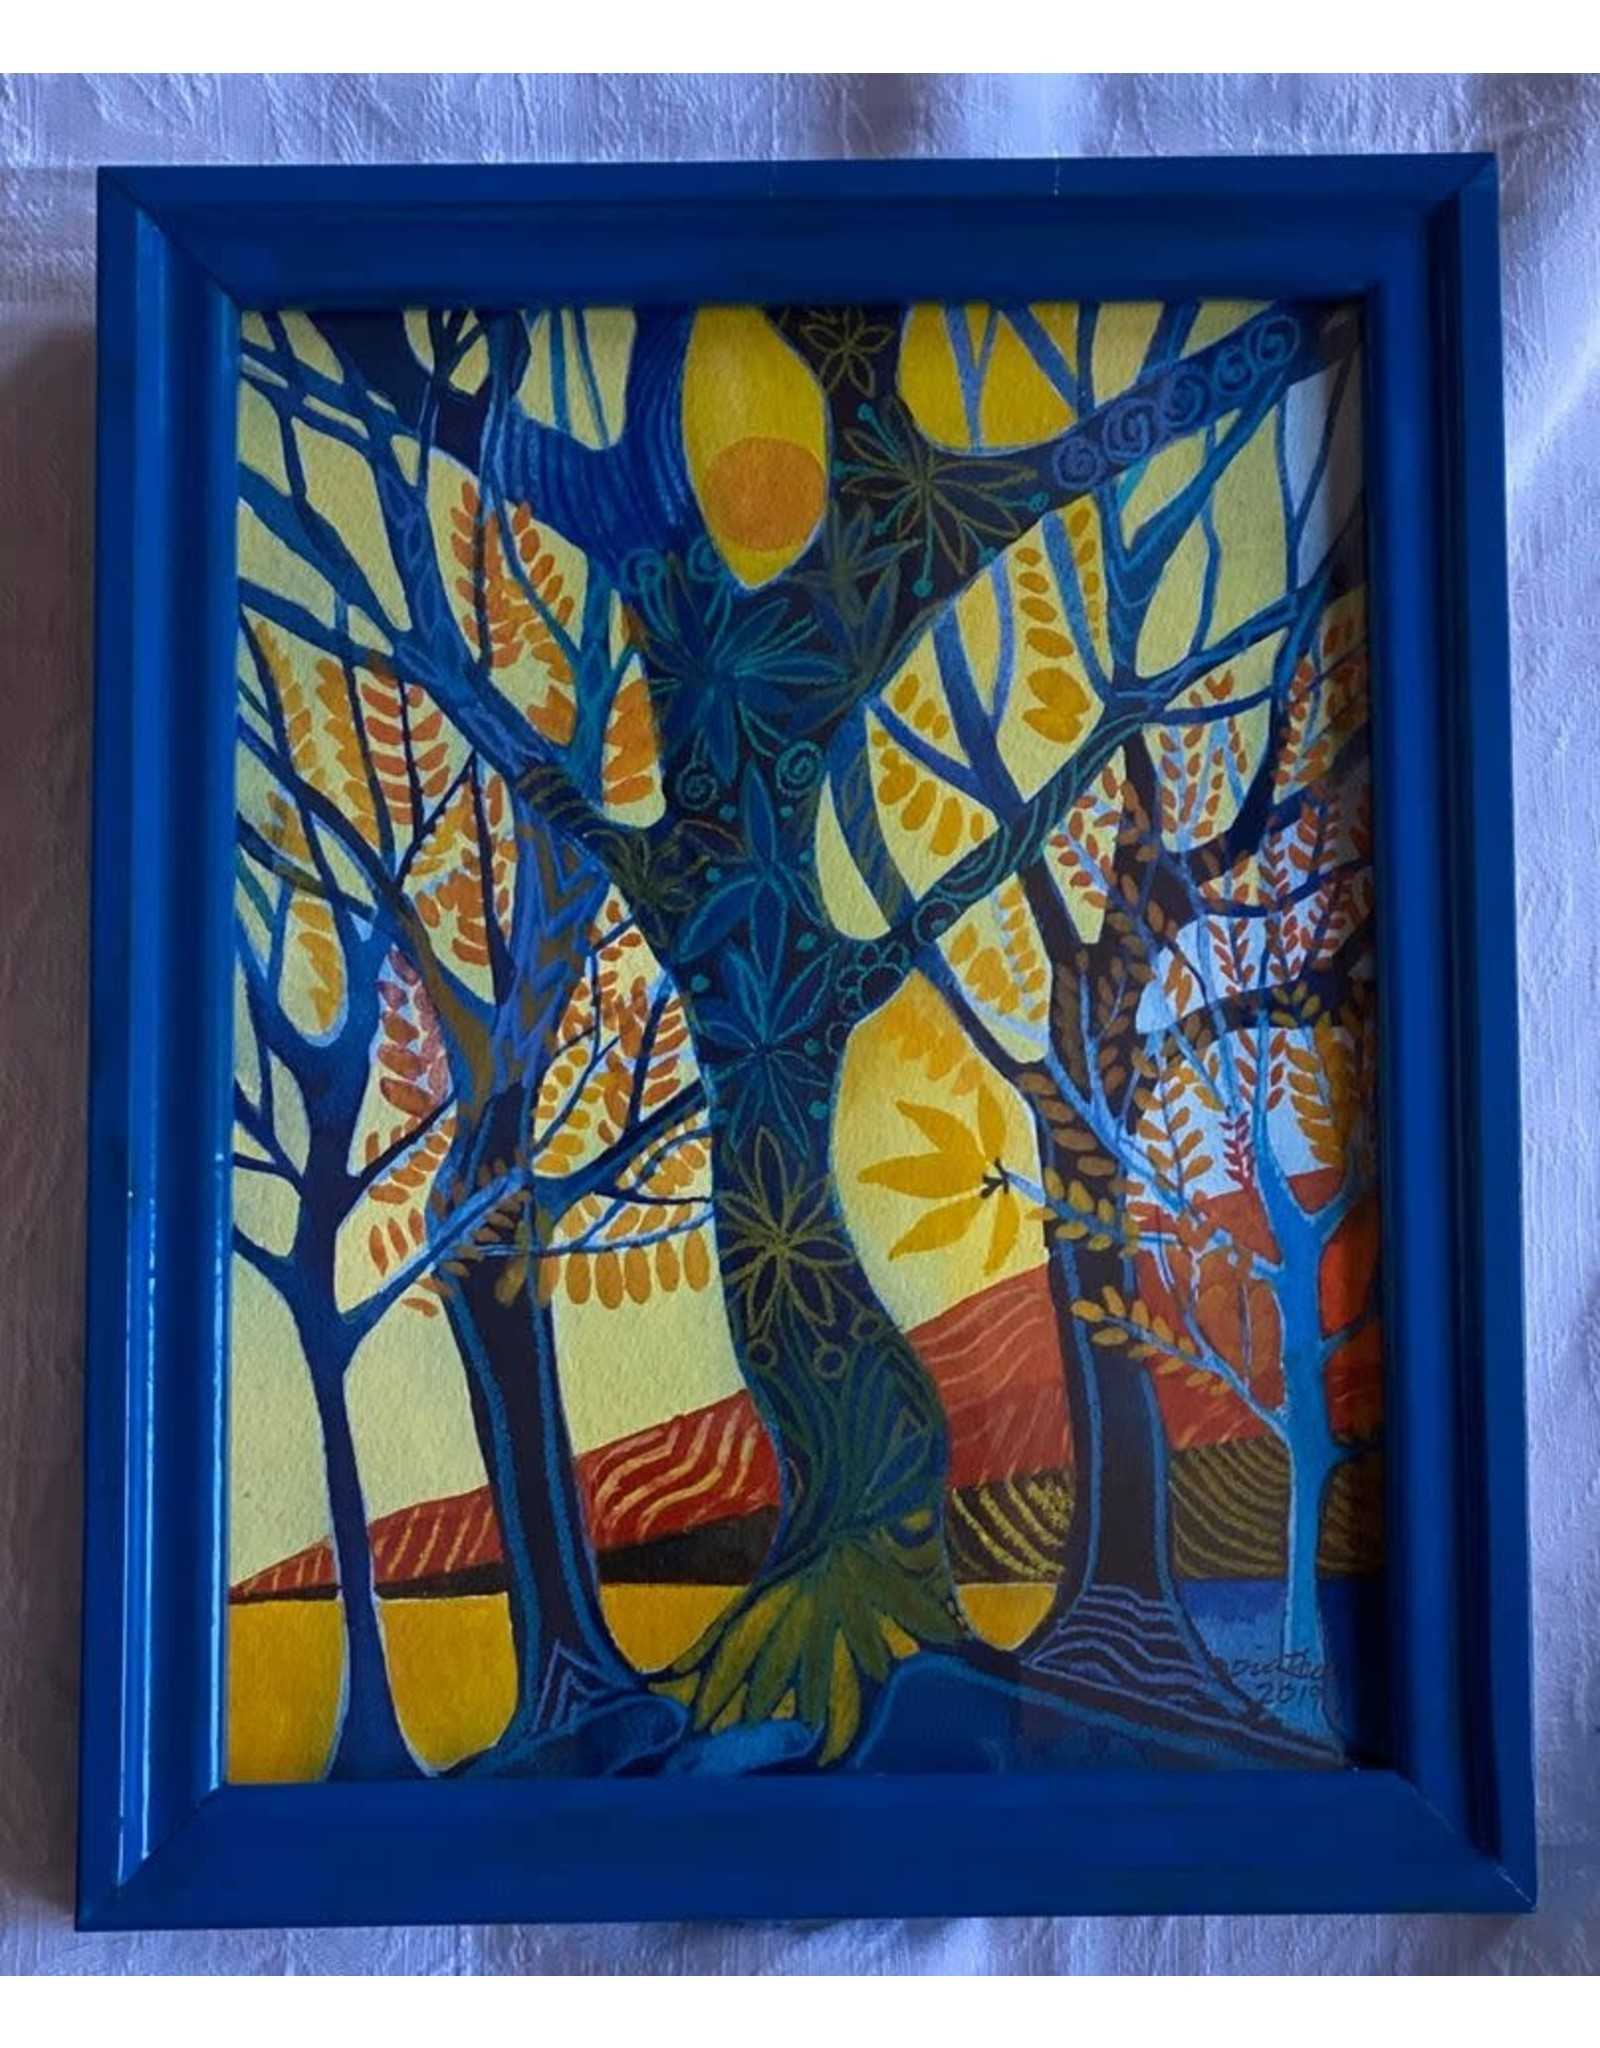 Pia Reilly Spring Time (framed original) | Pia Reilly